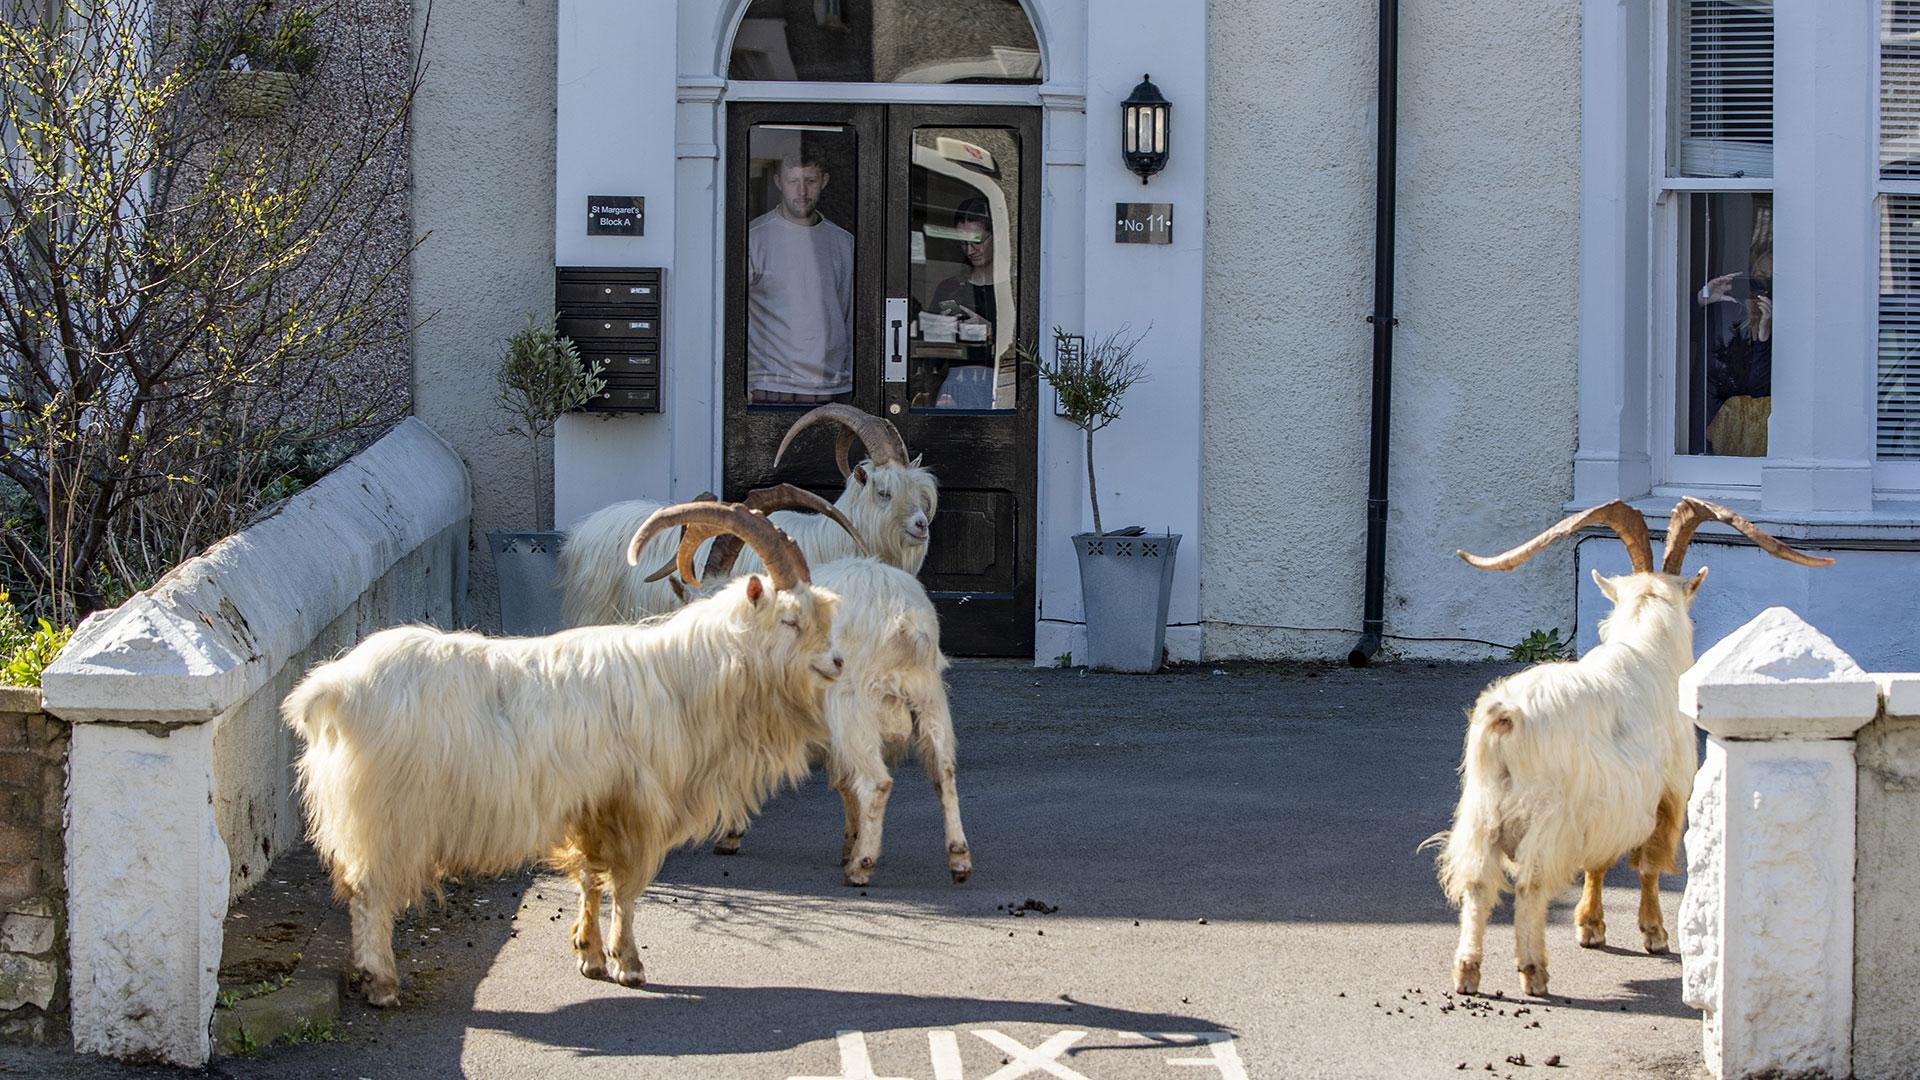 Tiere Corona: Zige in Wales vor dem Schaufenster